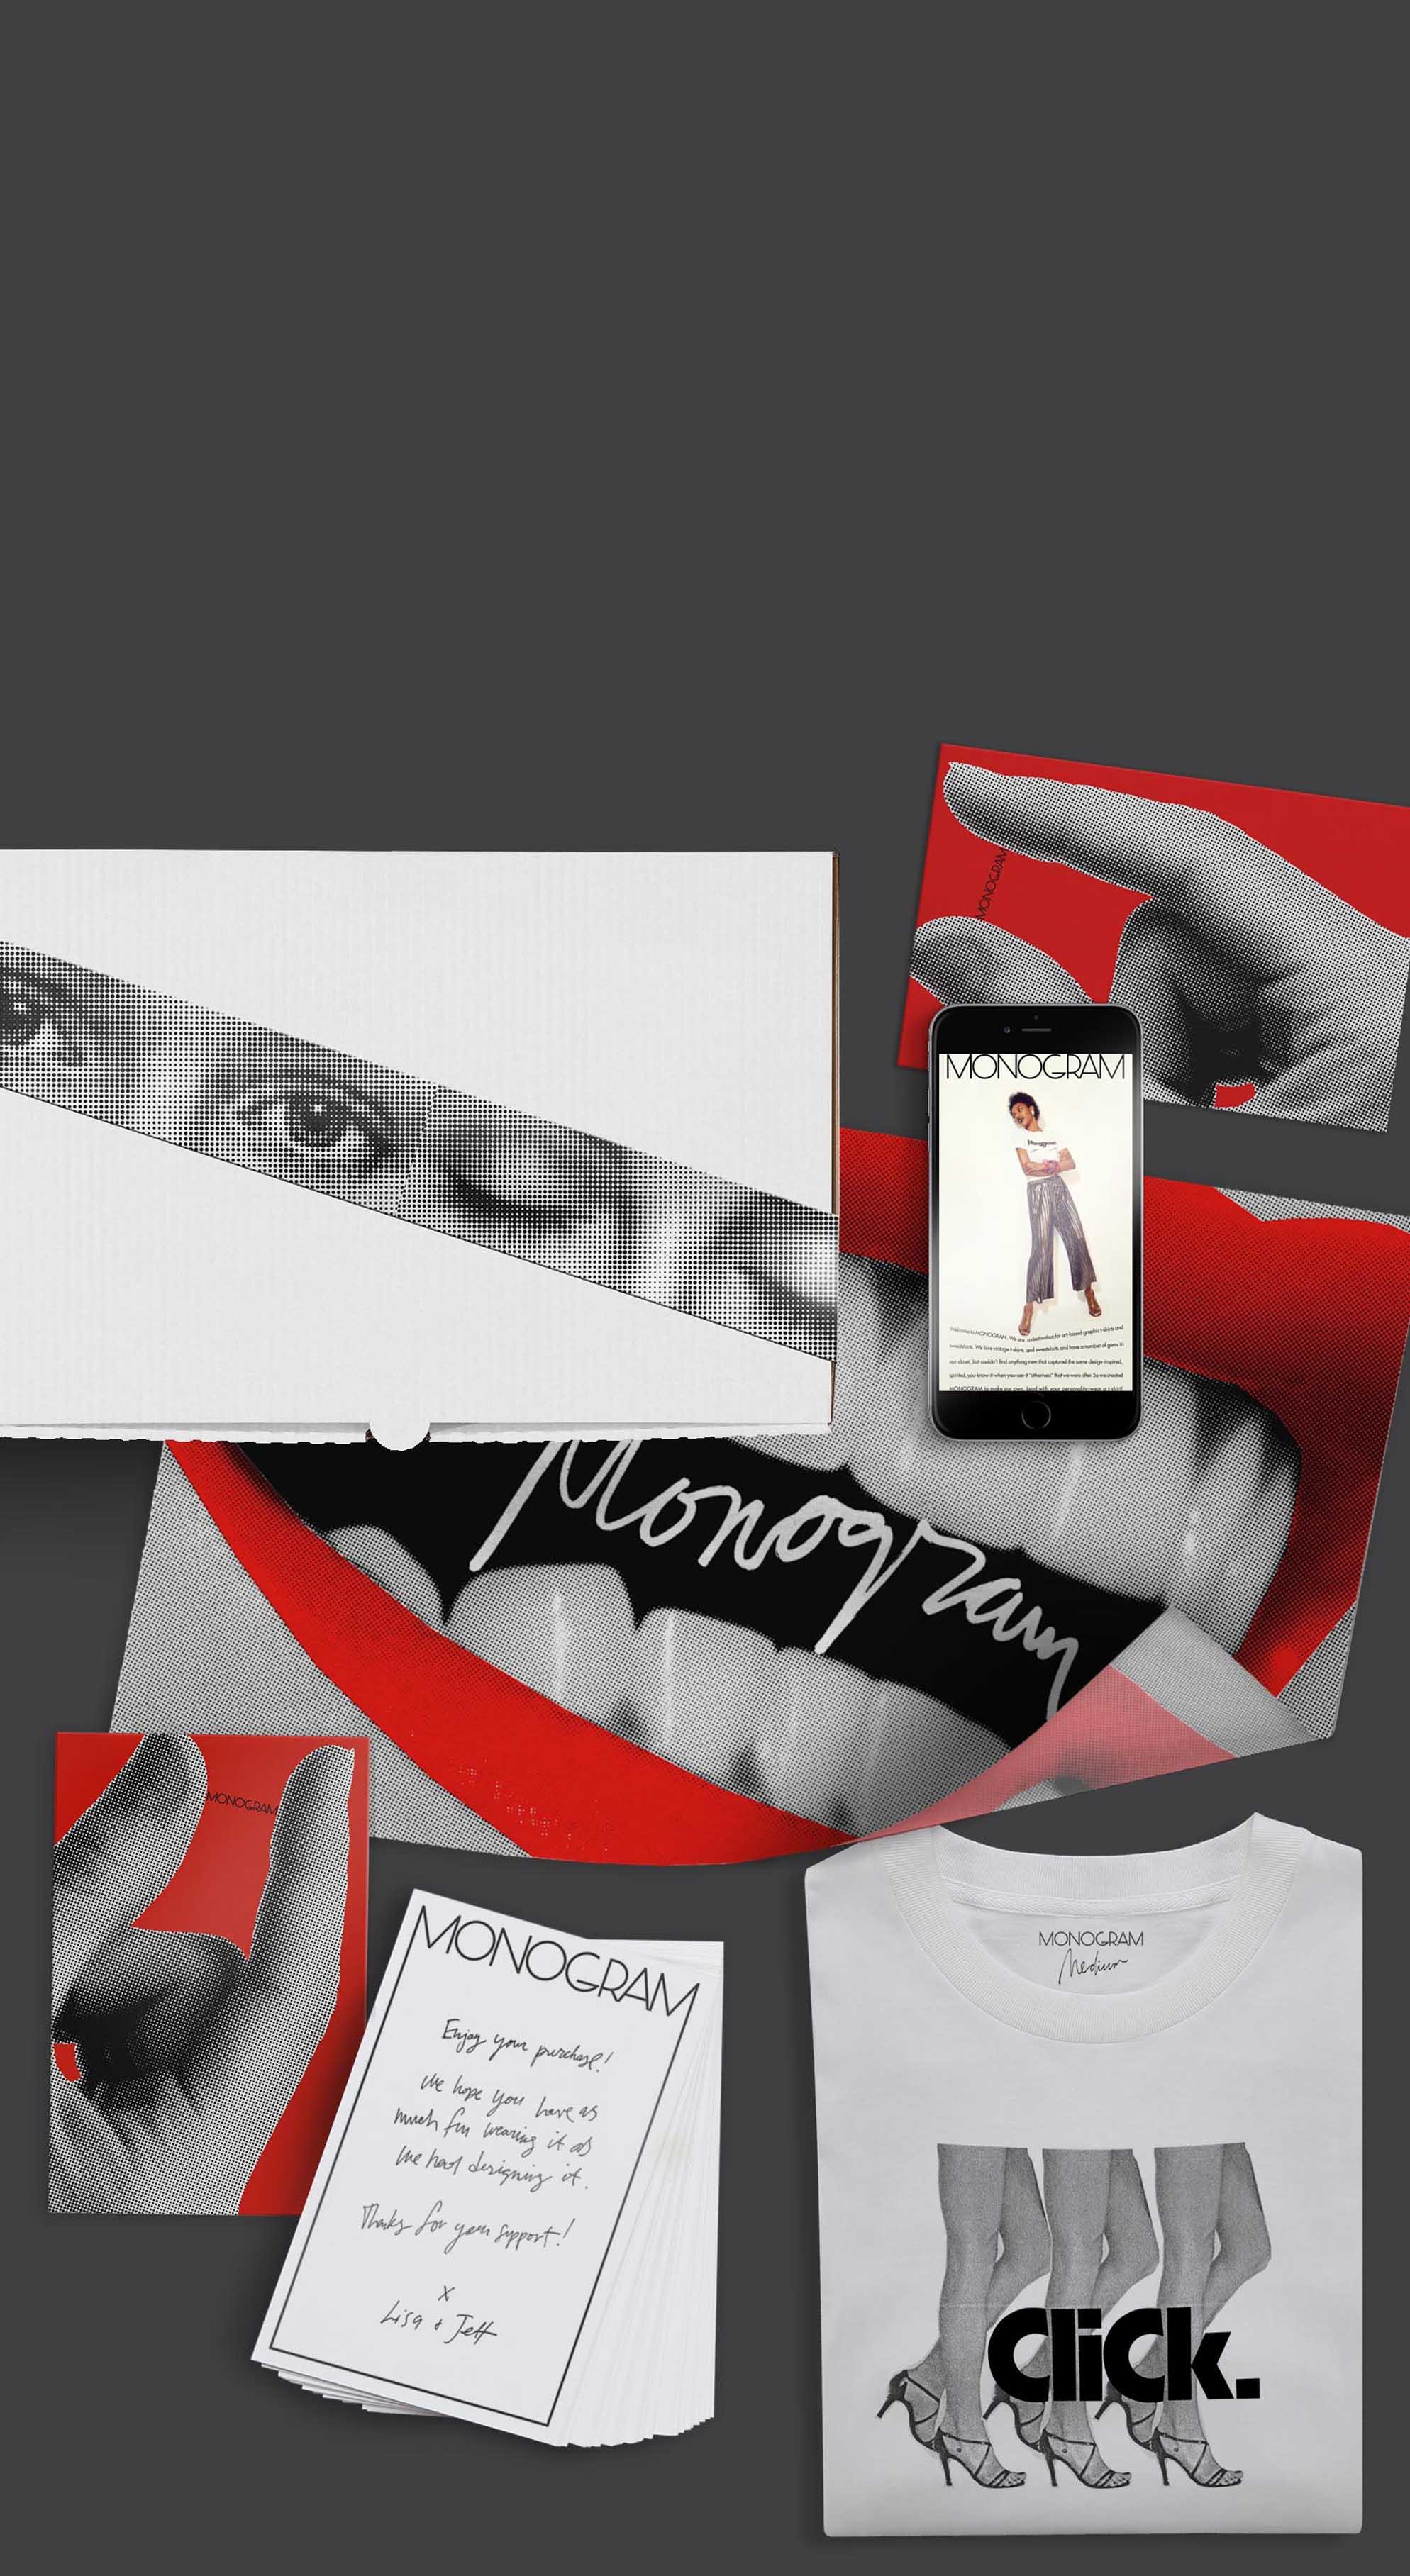 Monogram graphic design by Scissor.